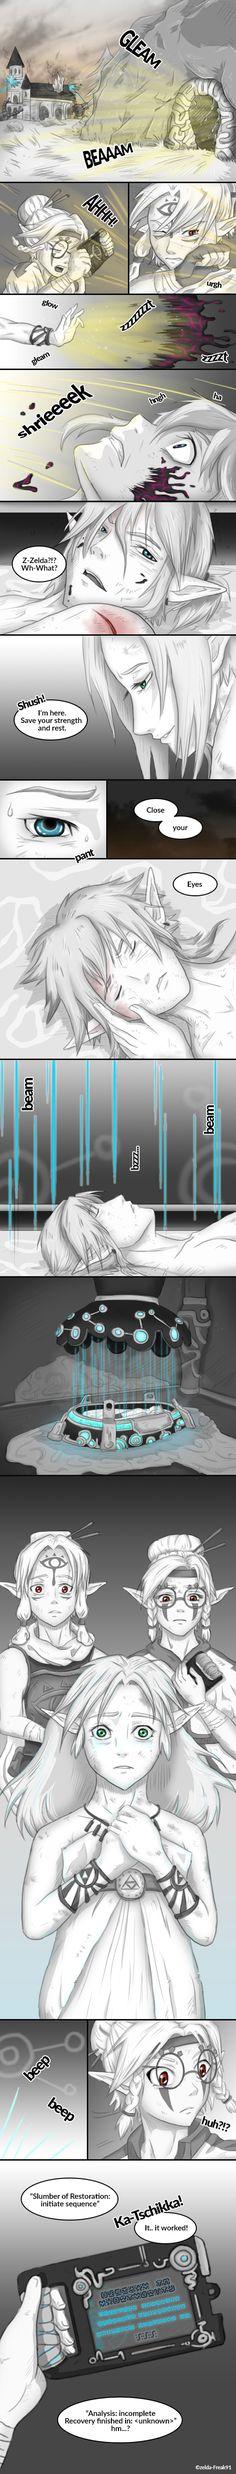 Zelda comic: broken part 5